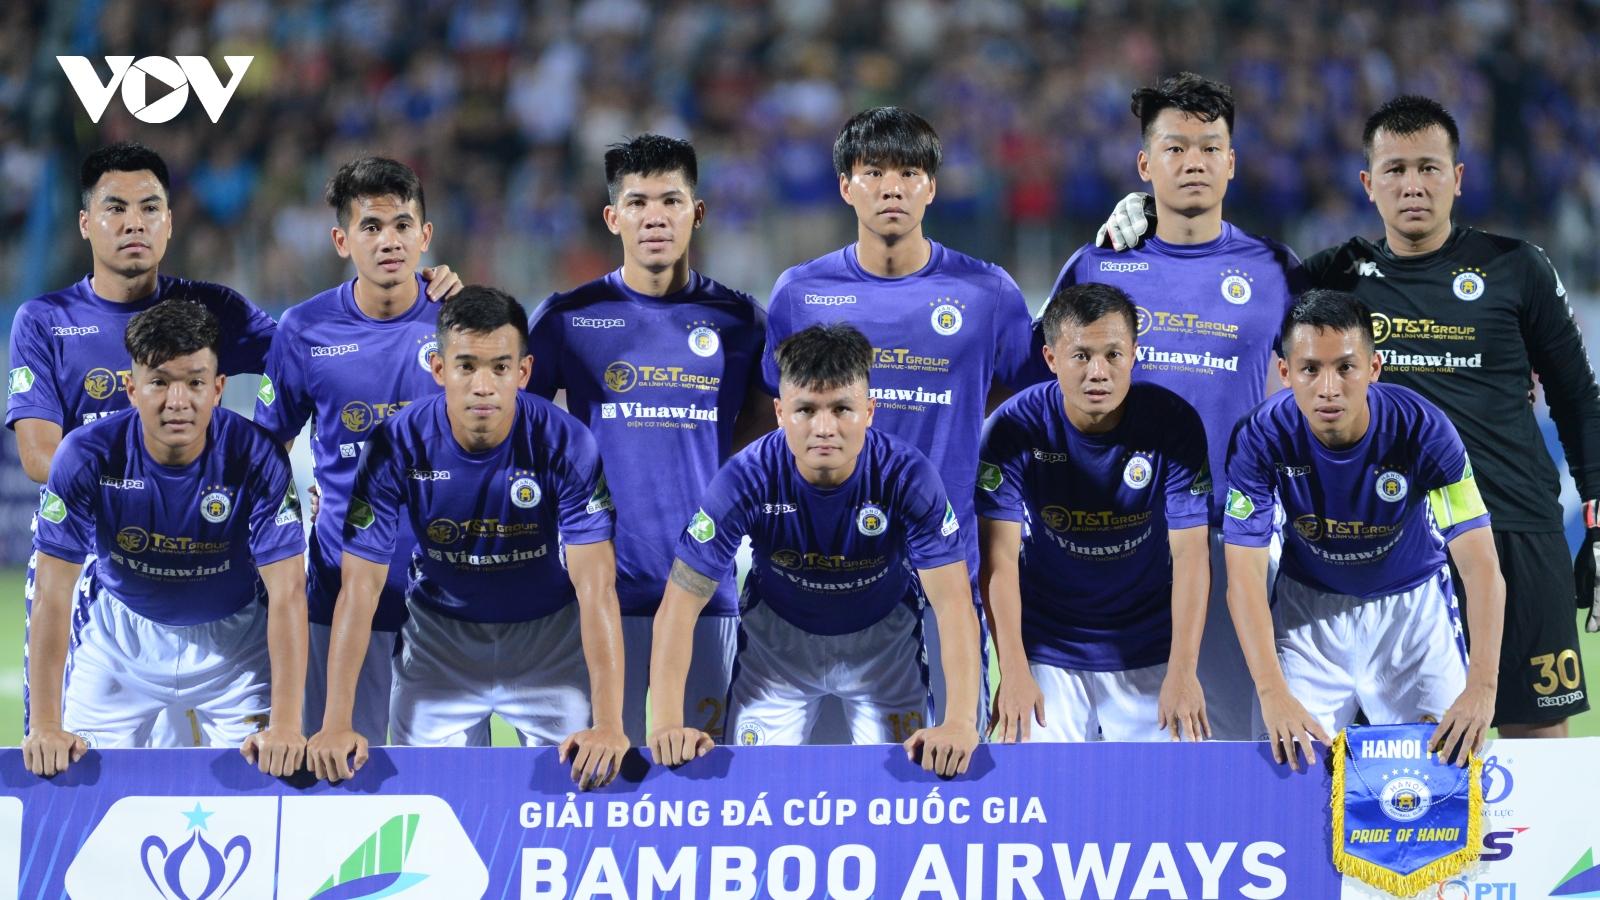 Hành trình vô địch Cúp Quốc gia 2020 của CLB Hà Nội